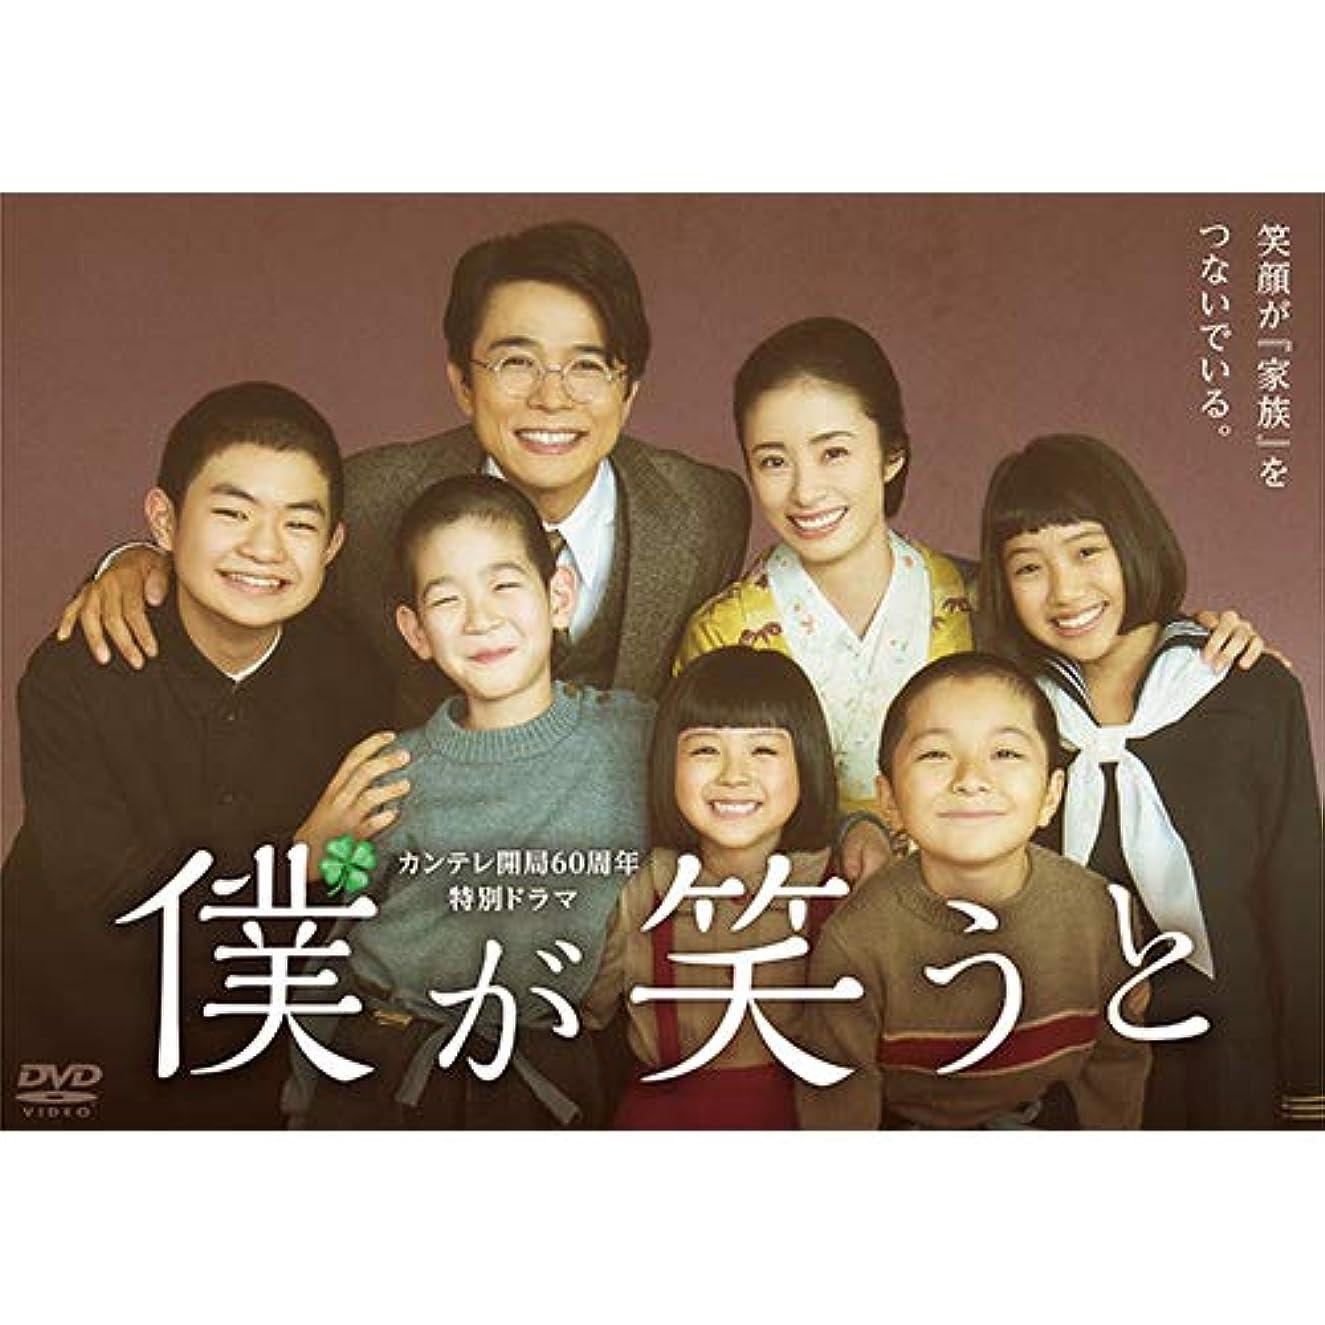 寺院変形野望カンテレ開局60周年特別ドラマ 「僕が笑うと」 [DVD]